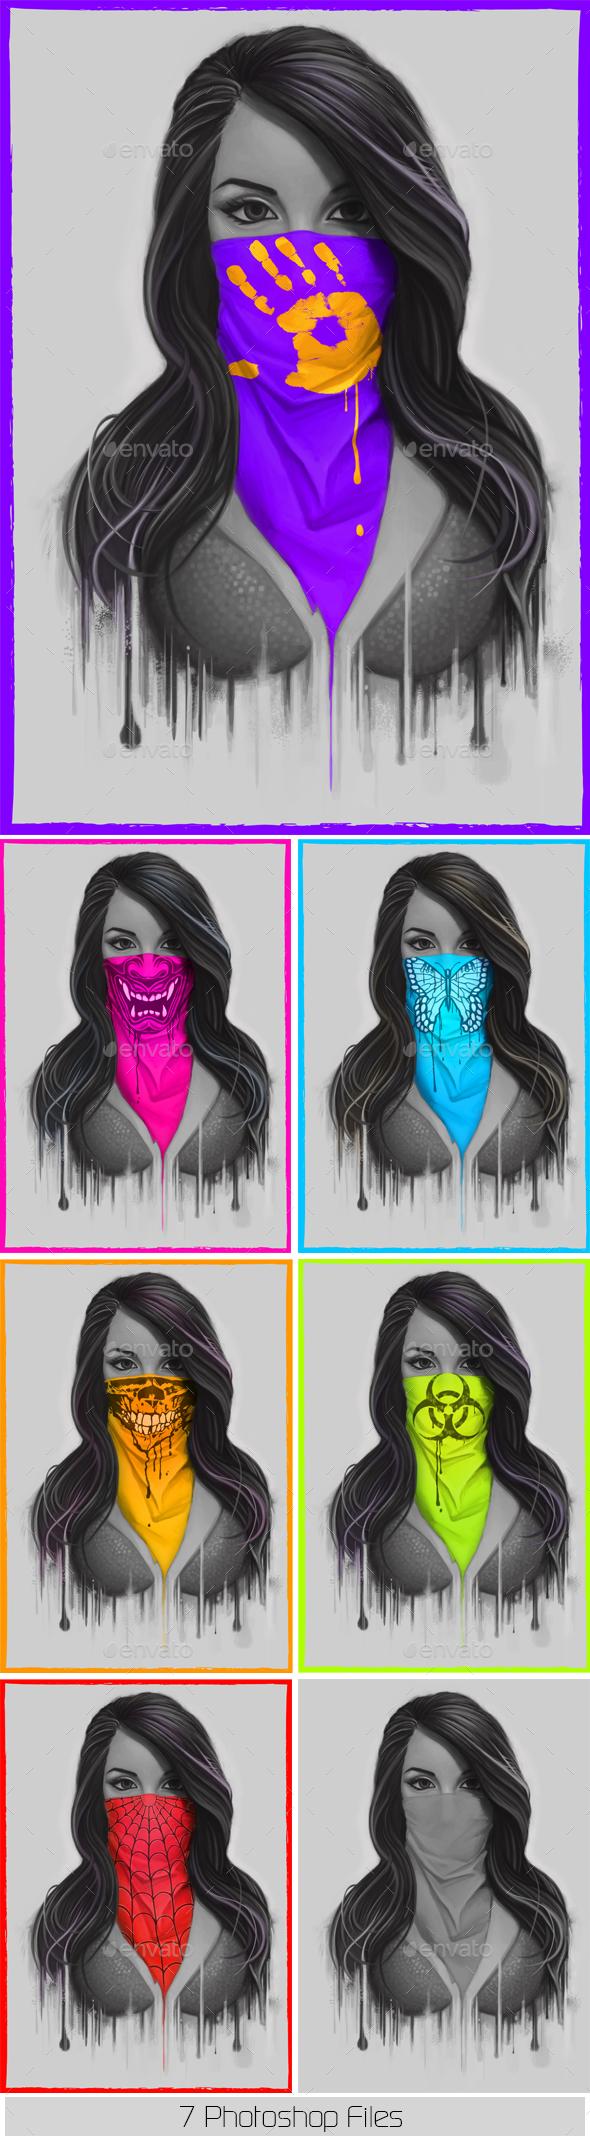 Masked Bandit Girl - People Illustrations